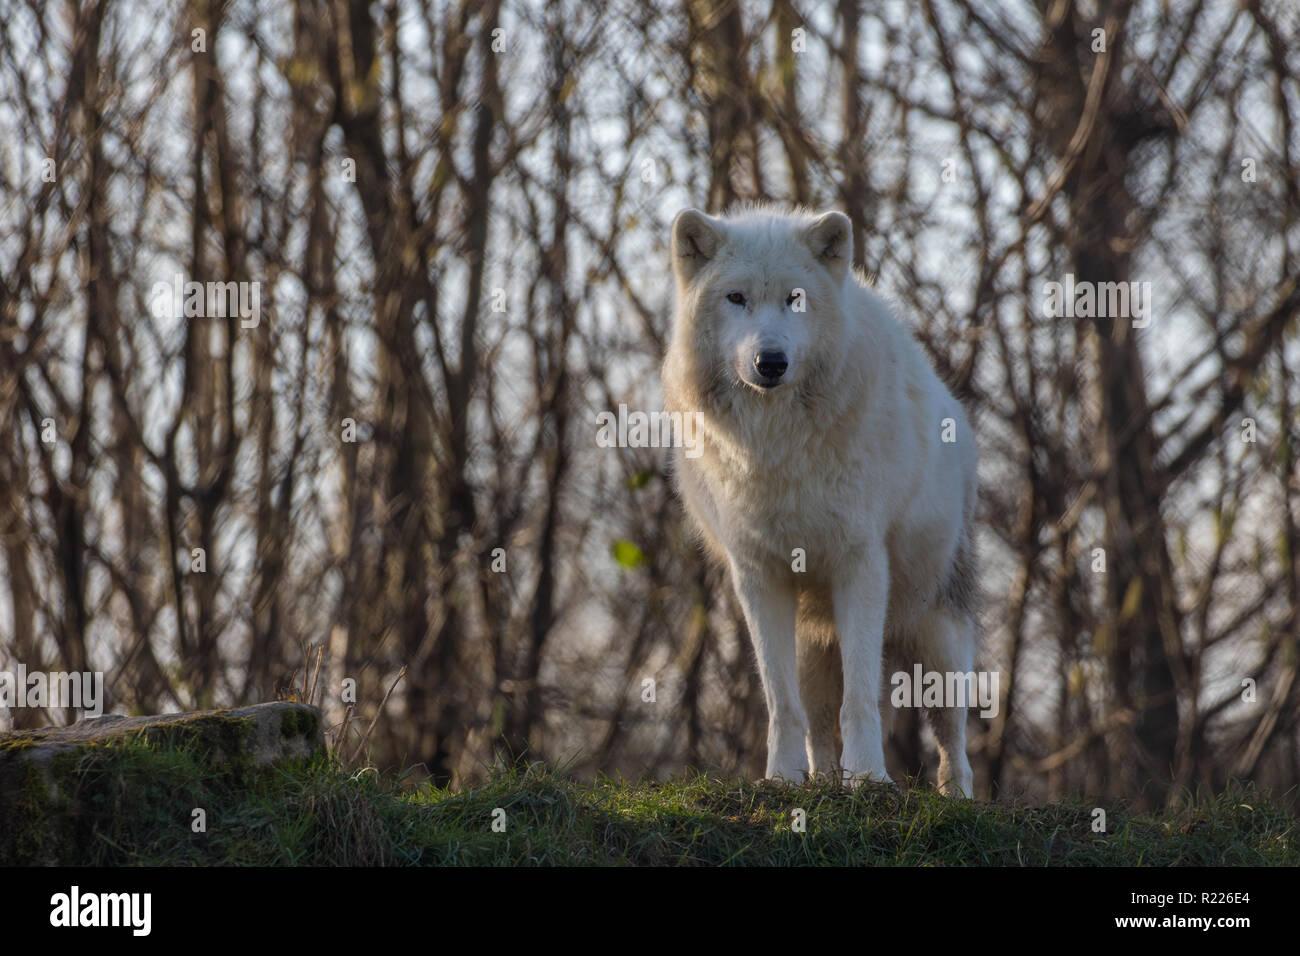 Arctic lupo (Canis lupus arctos), noto anche come il lupo bianco o lupo polare, Immagini Stock